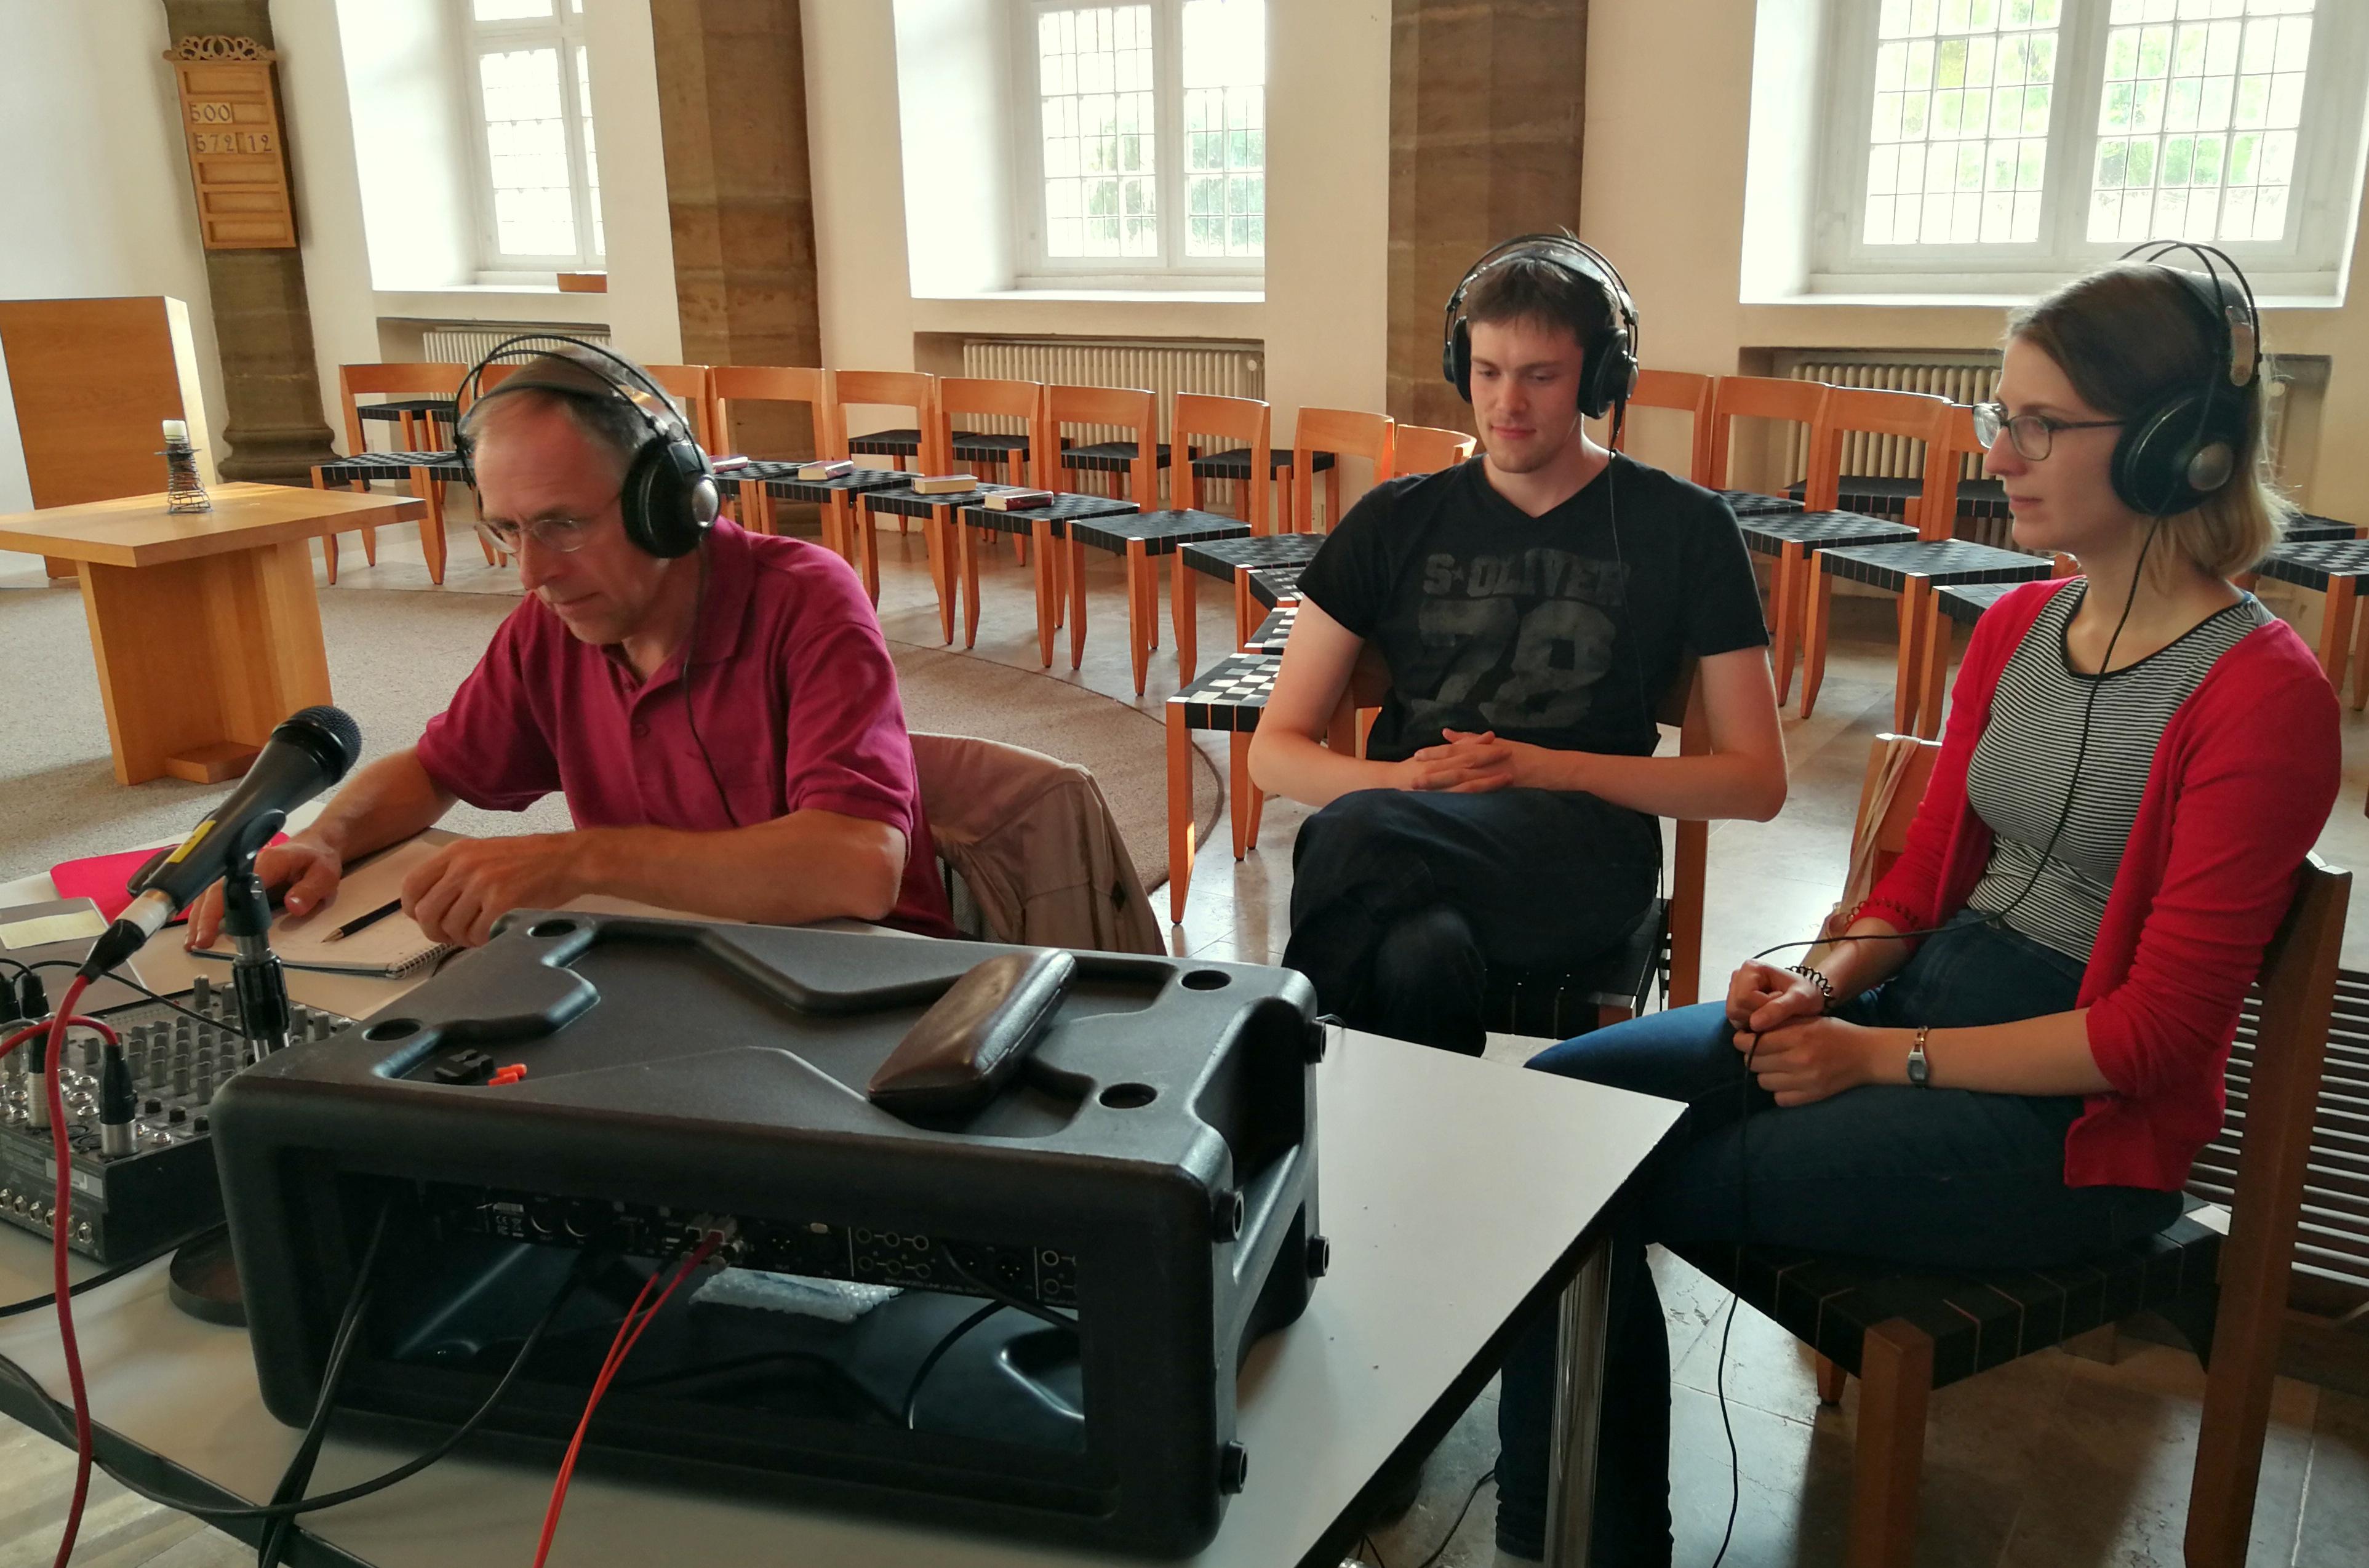 Aufnahmen in der Michaeliskirche Hildesheim. Bild: VISION KIRCHENMUSIK